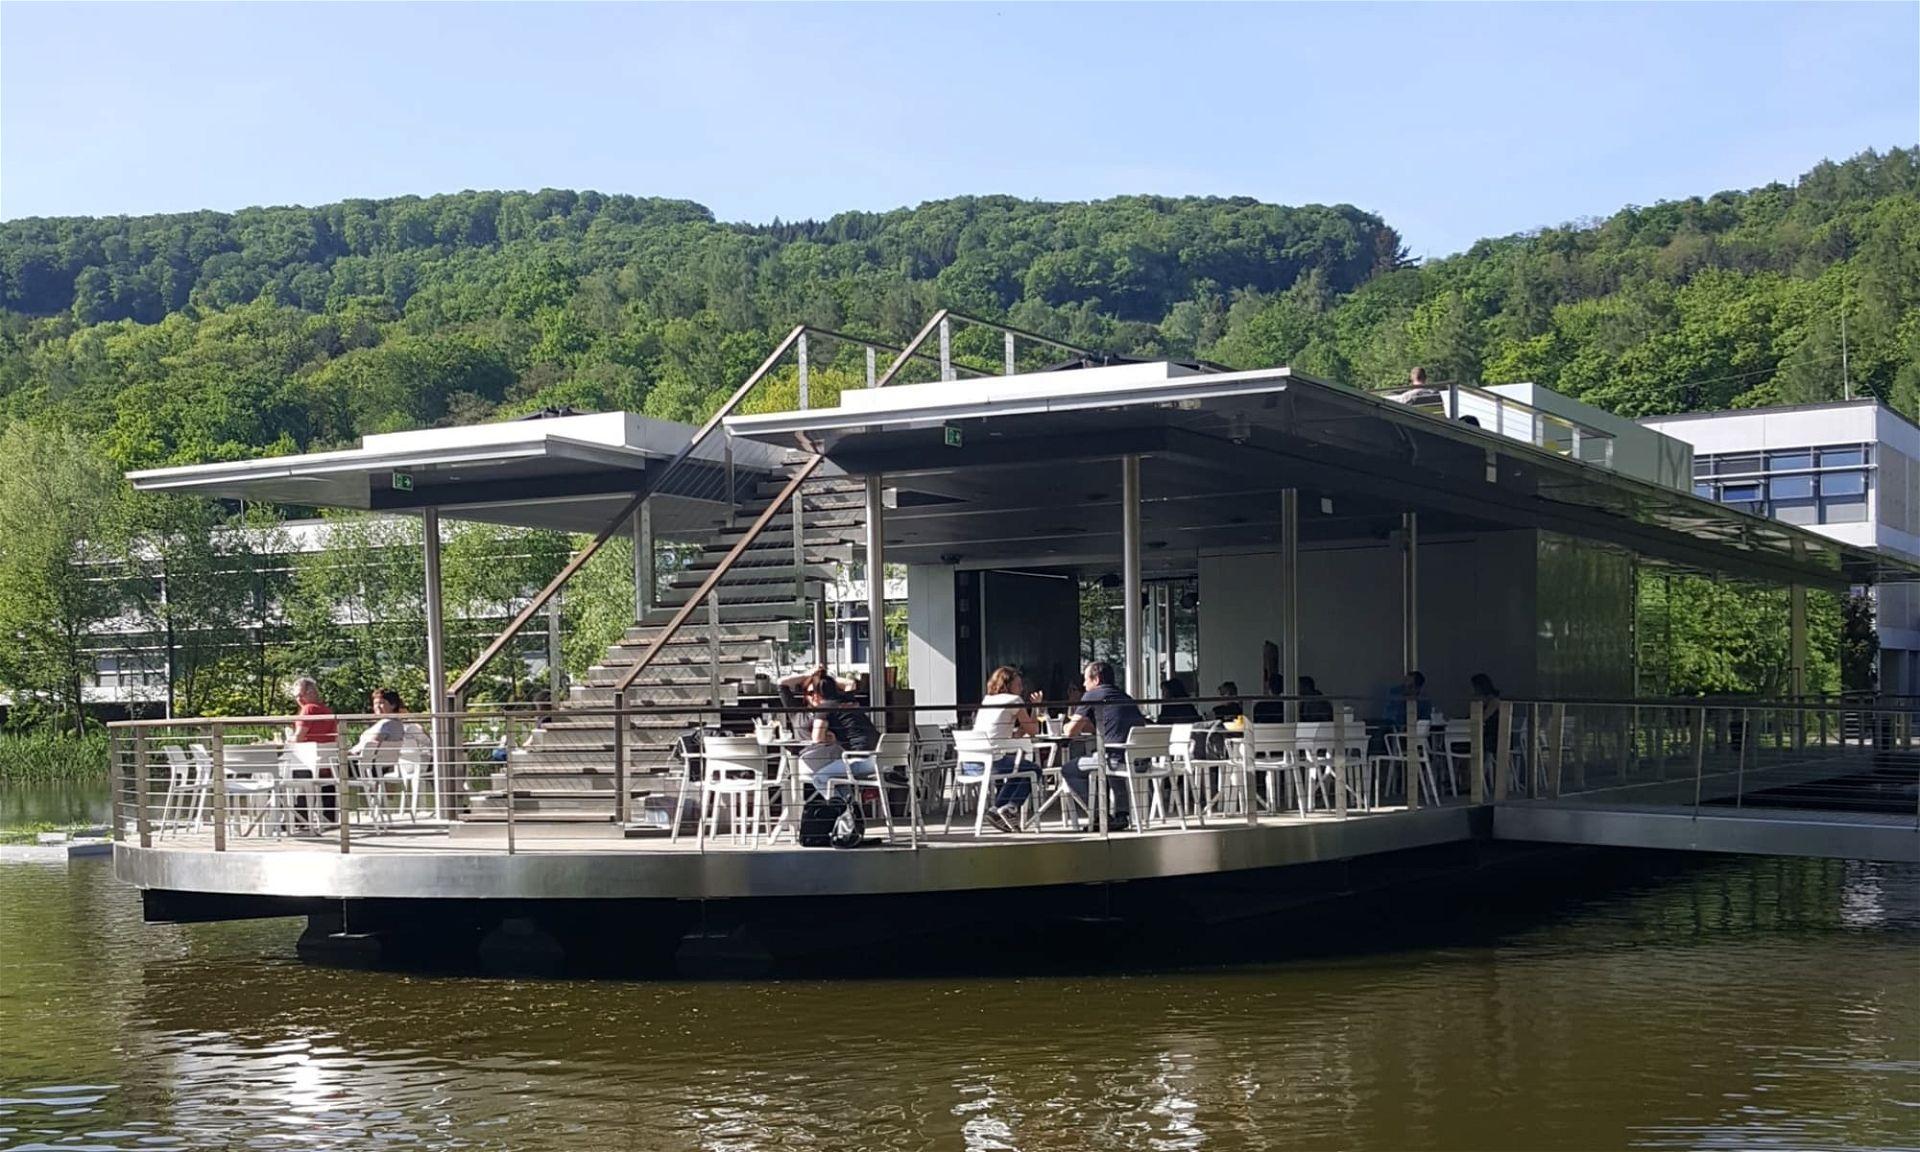 Teichwerk Linz